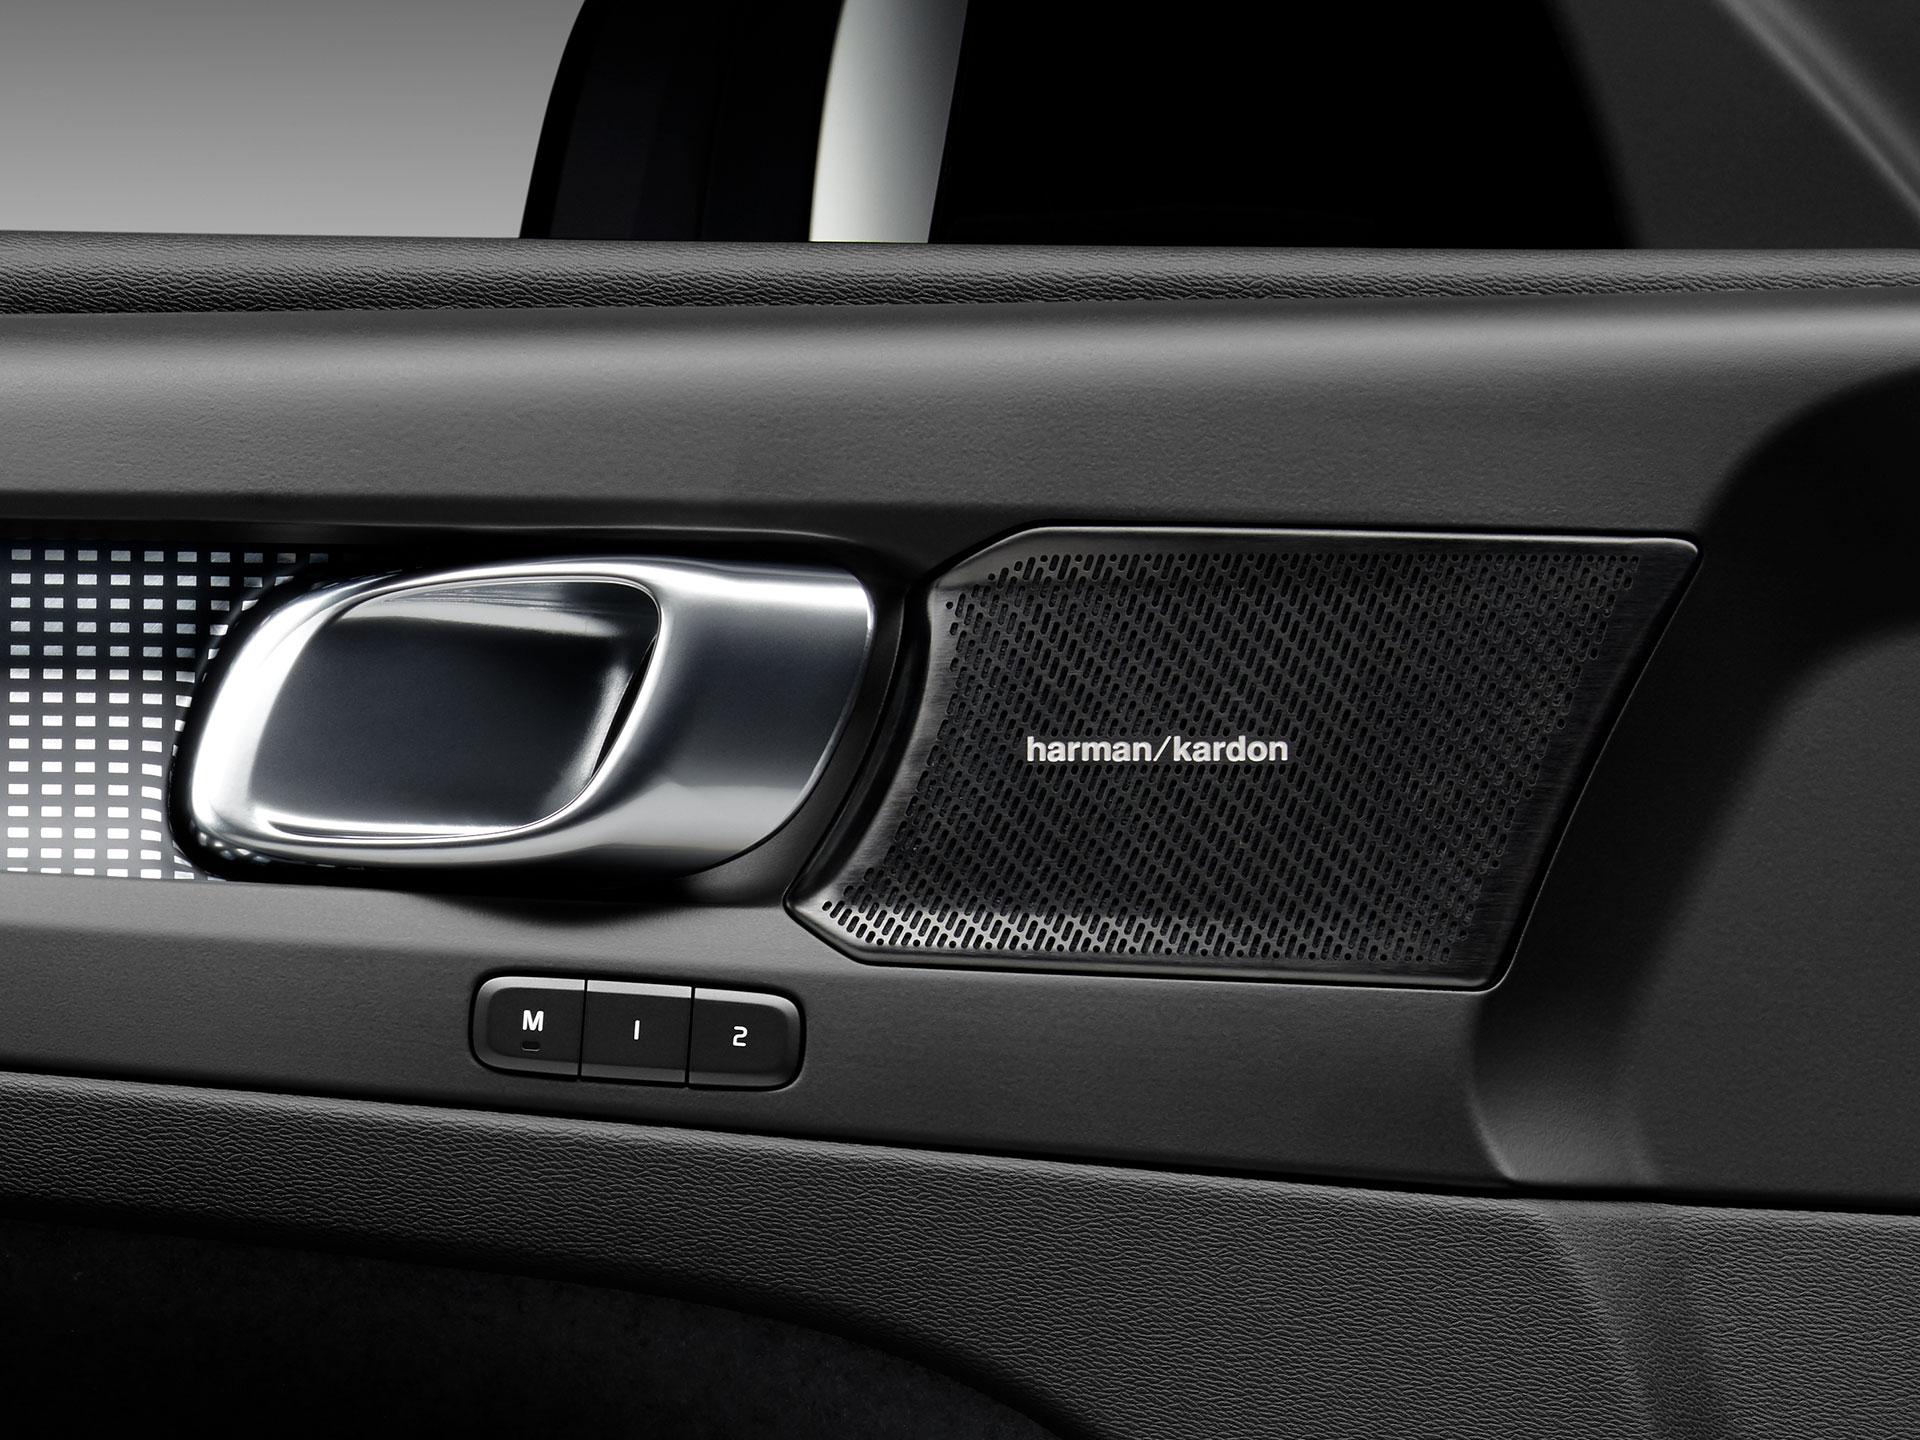 Altavoces Harman Kardon en el interior de un Volvo XC40 Recharge.